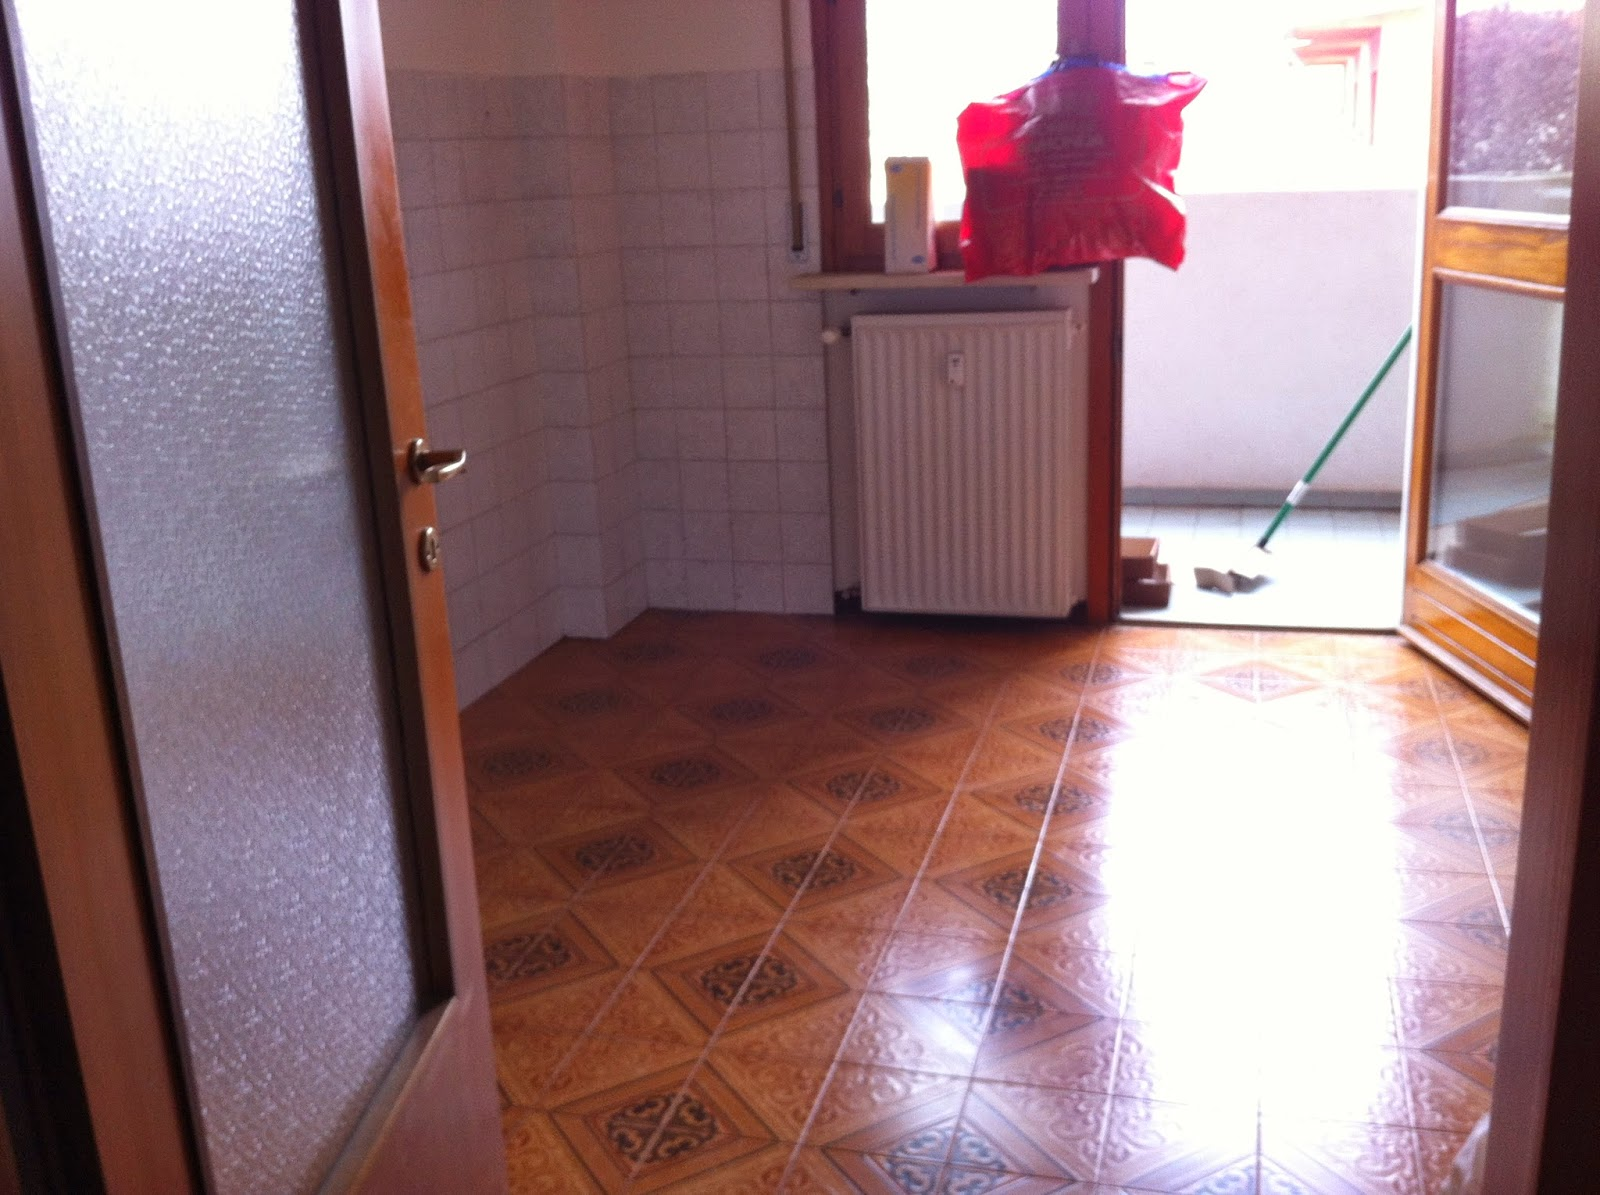 Piastrelle decorate per pavimenti gres porcellanato effetto legno